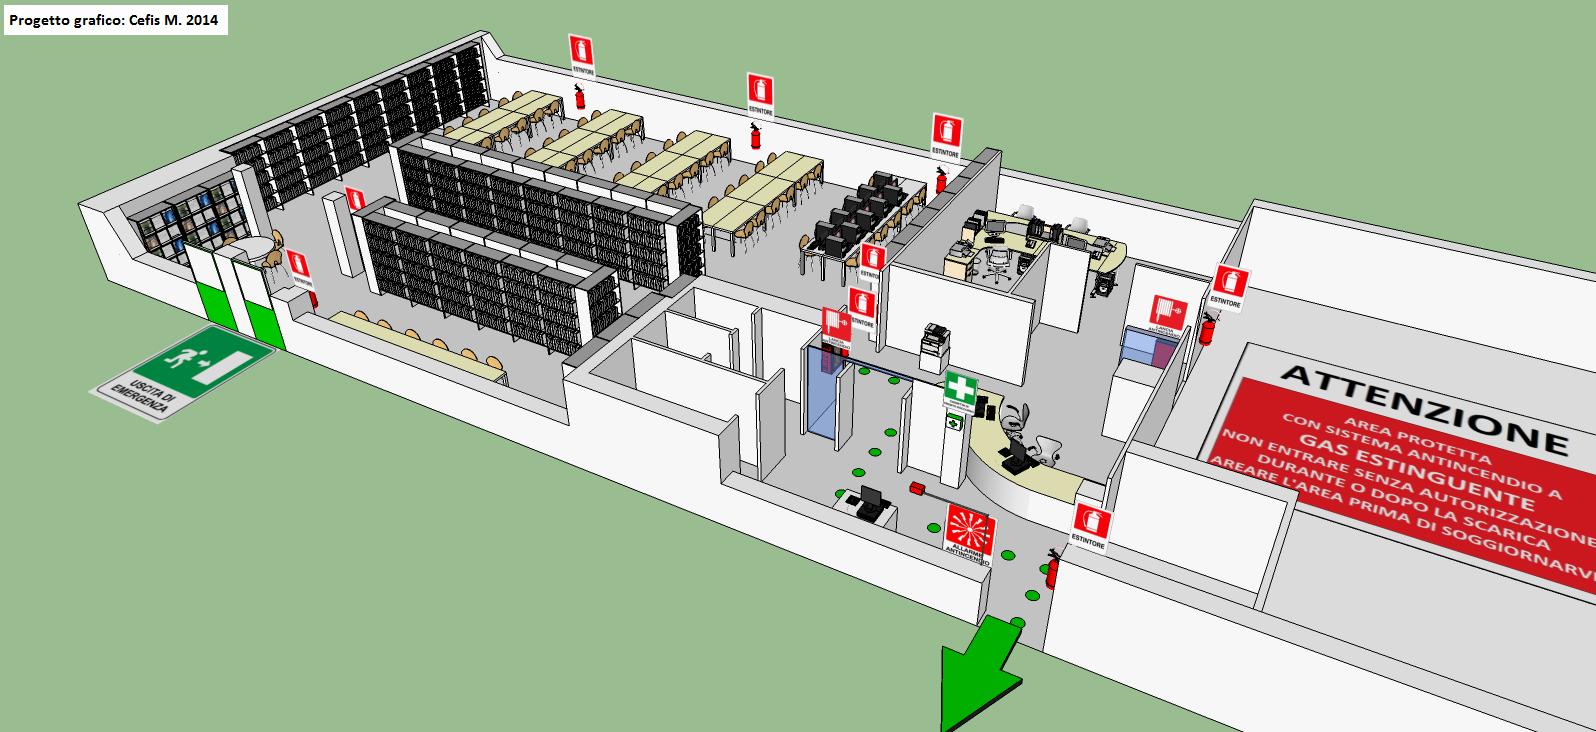 Mappa dei presidi di sicurezza